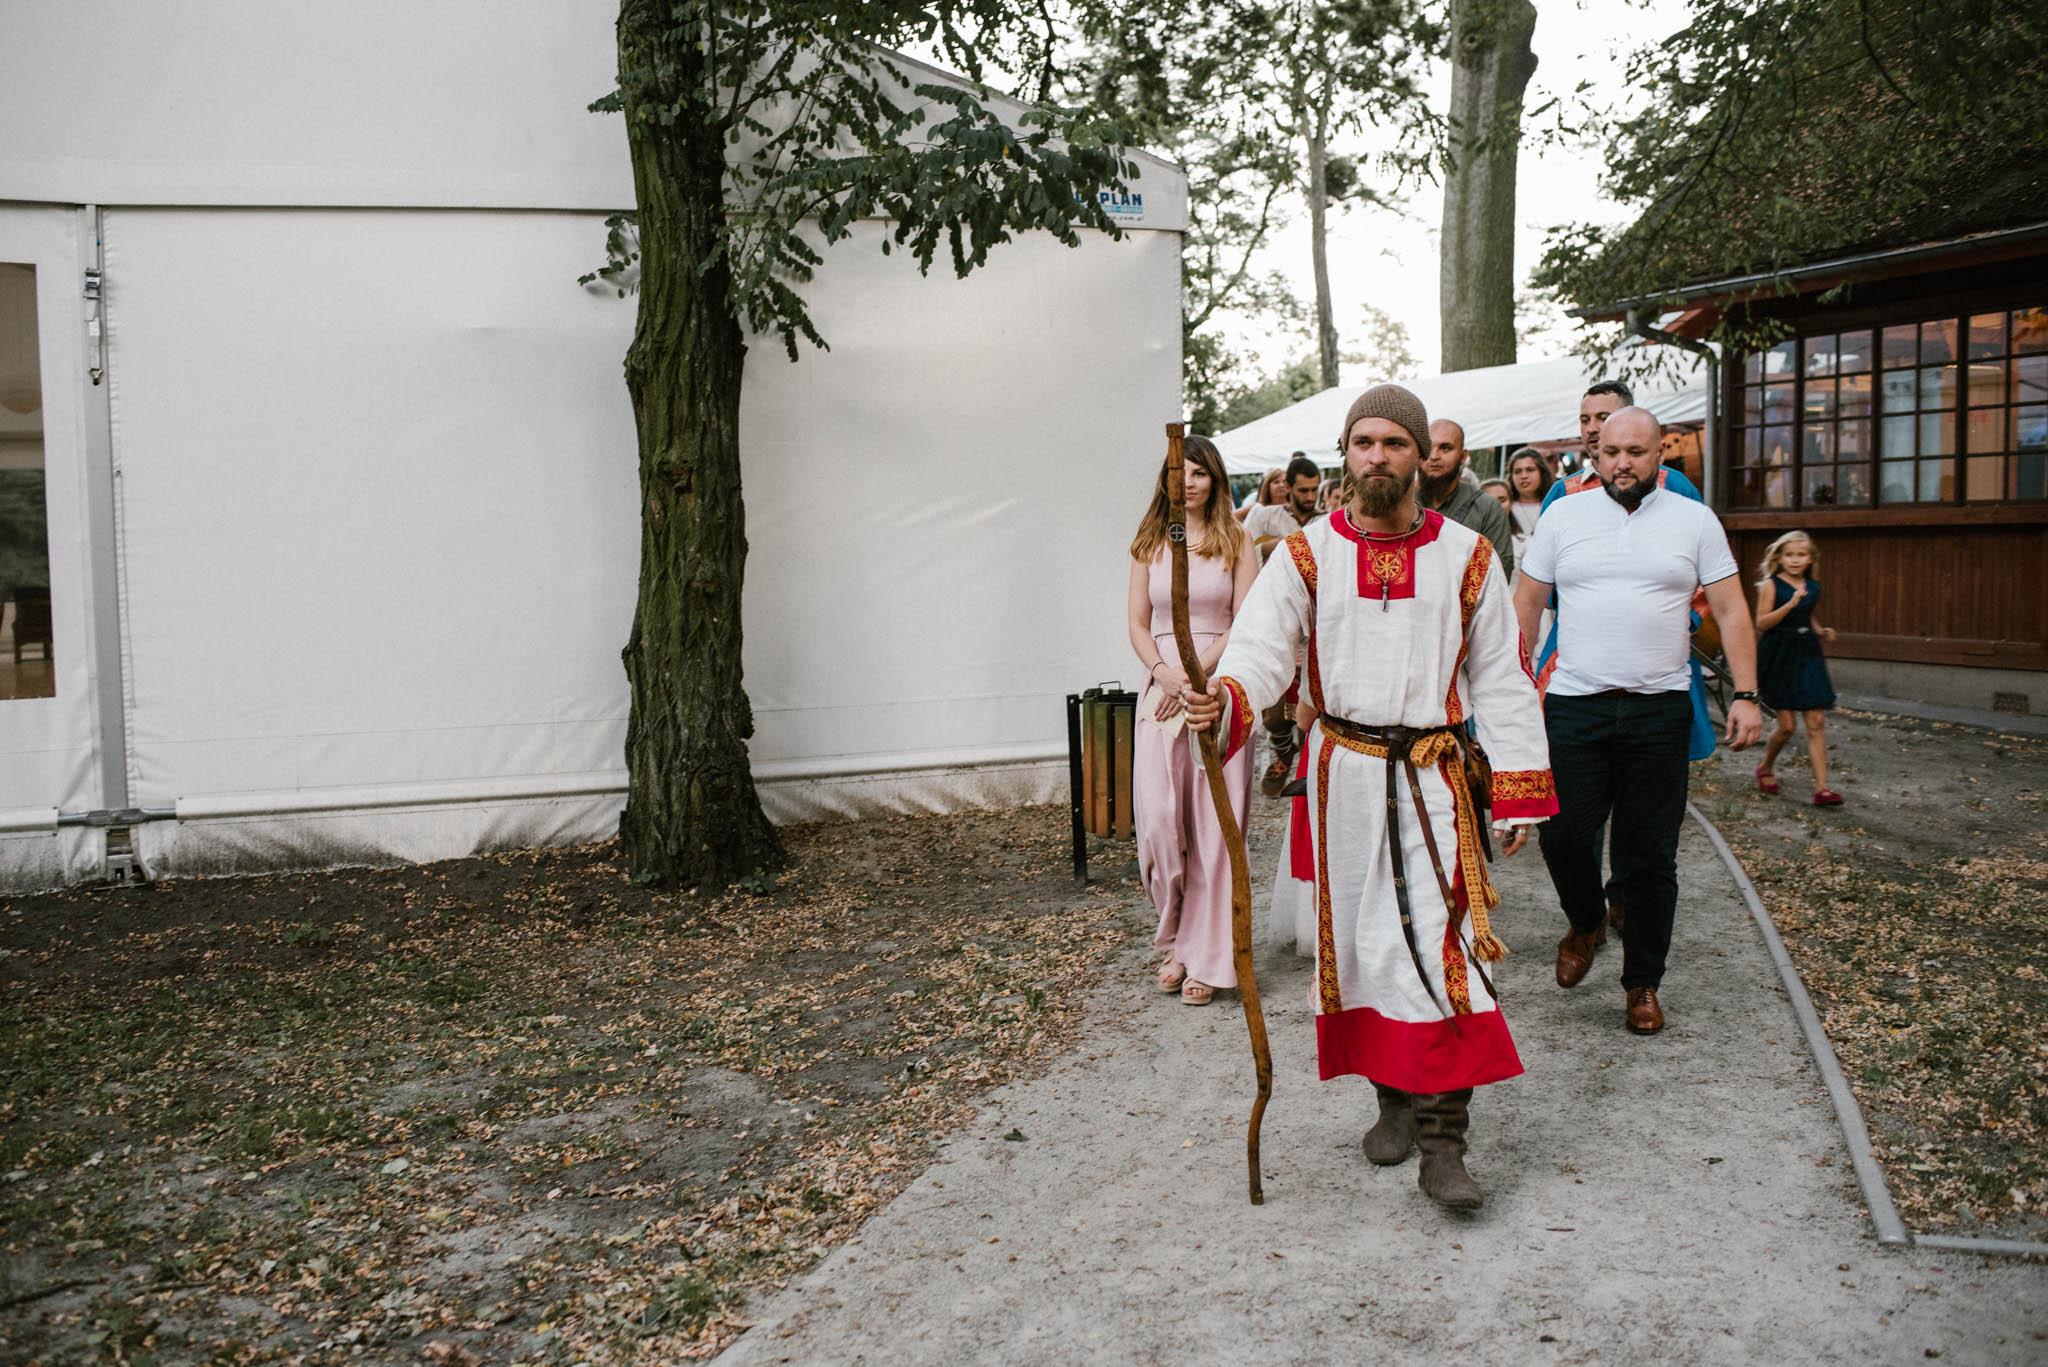 Goście weselni idą po chodniku - sesja ślubna na Wyspie Św. Edwarda Zaniemyśl